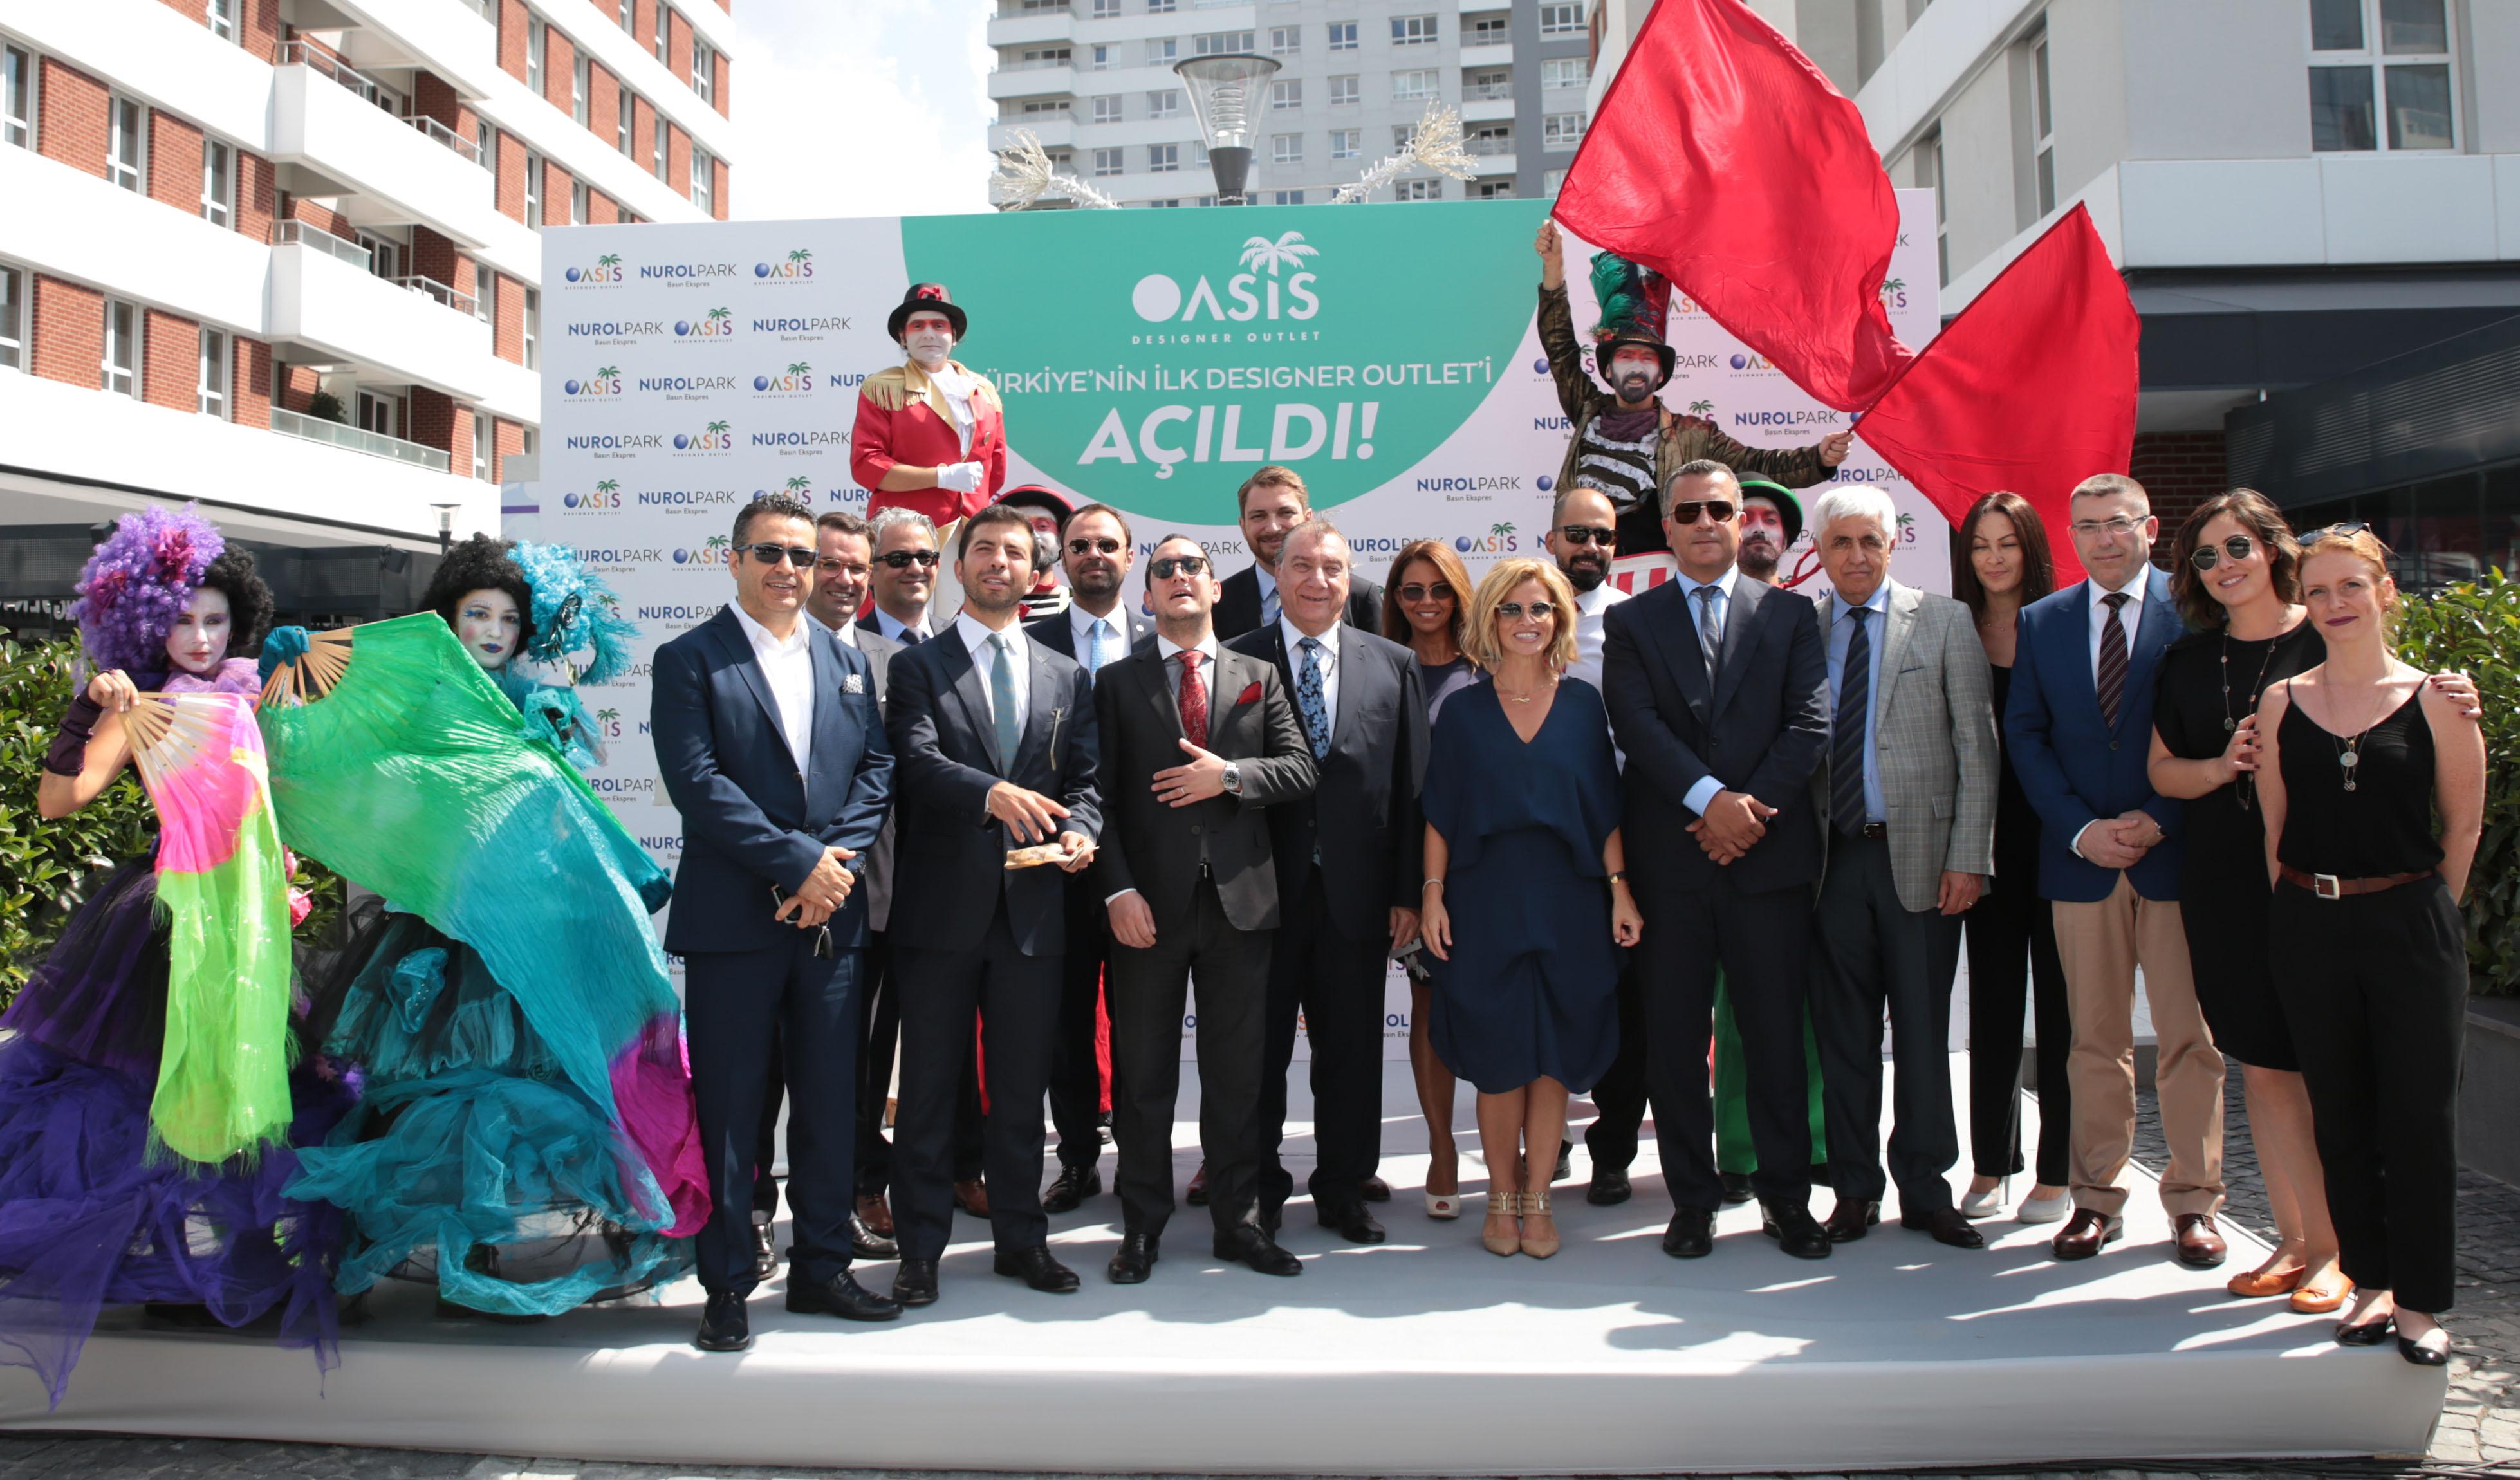 Türkiye'nin ilk designer outleti Oasis açıldı